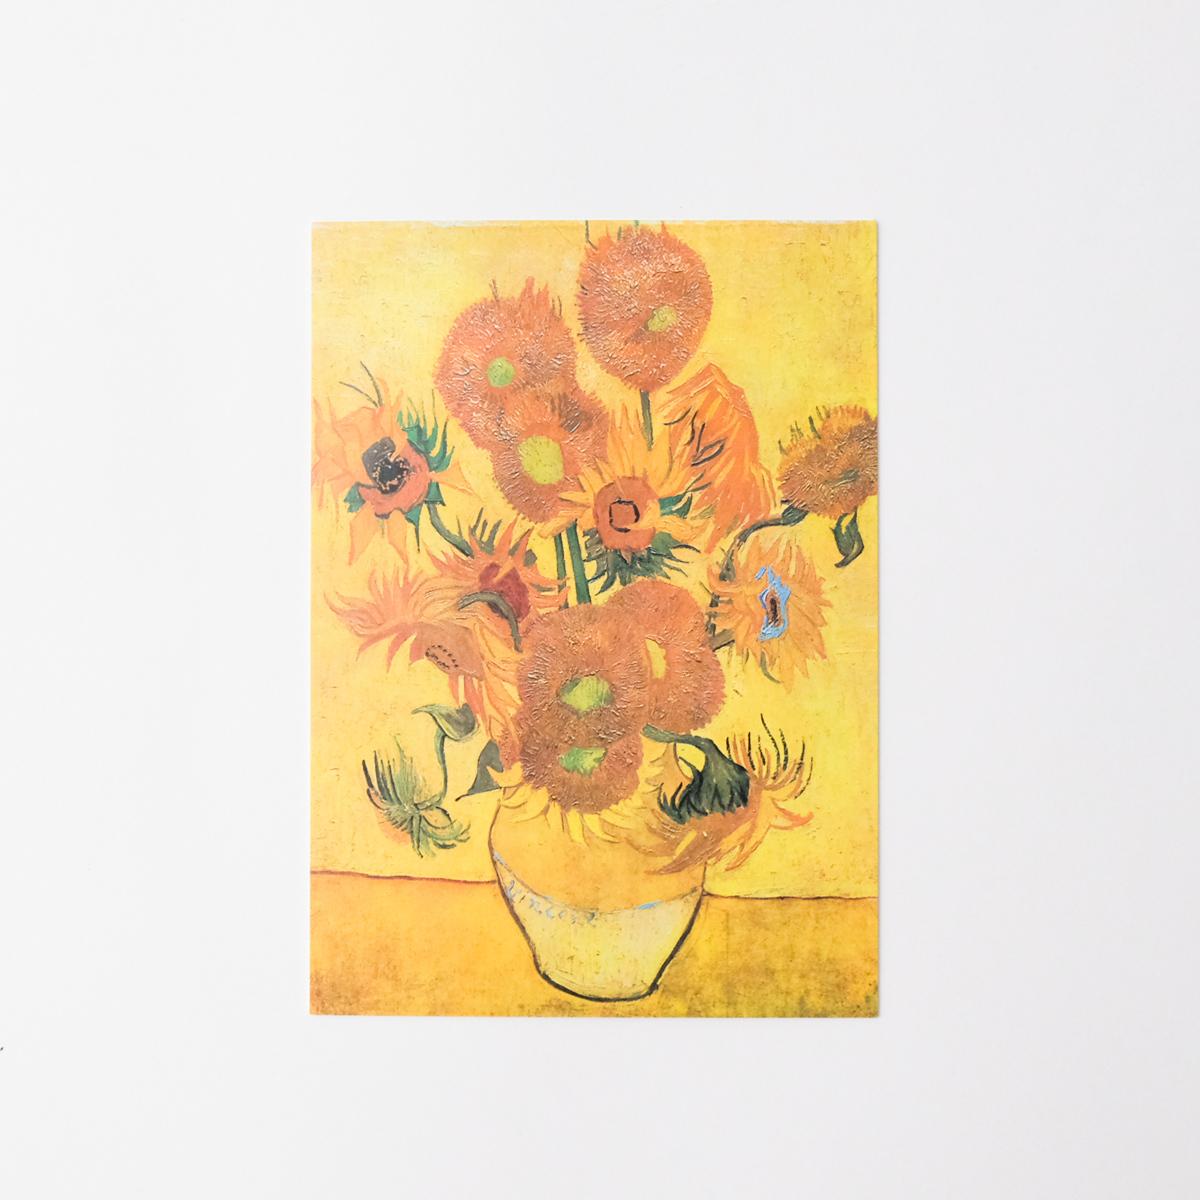 ゴッホ ポストカード ひまわり1889